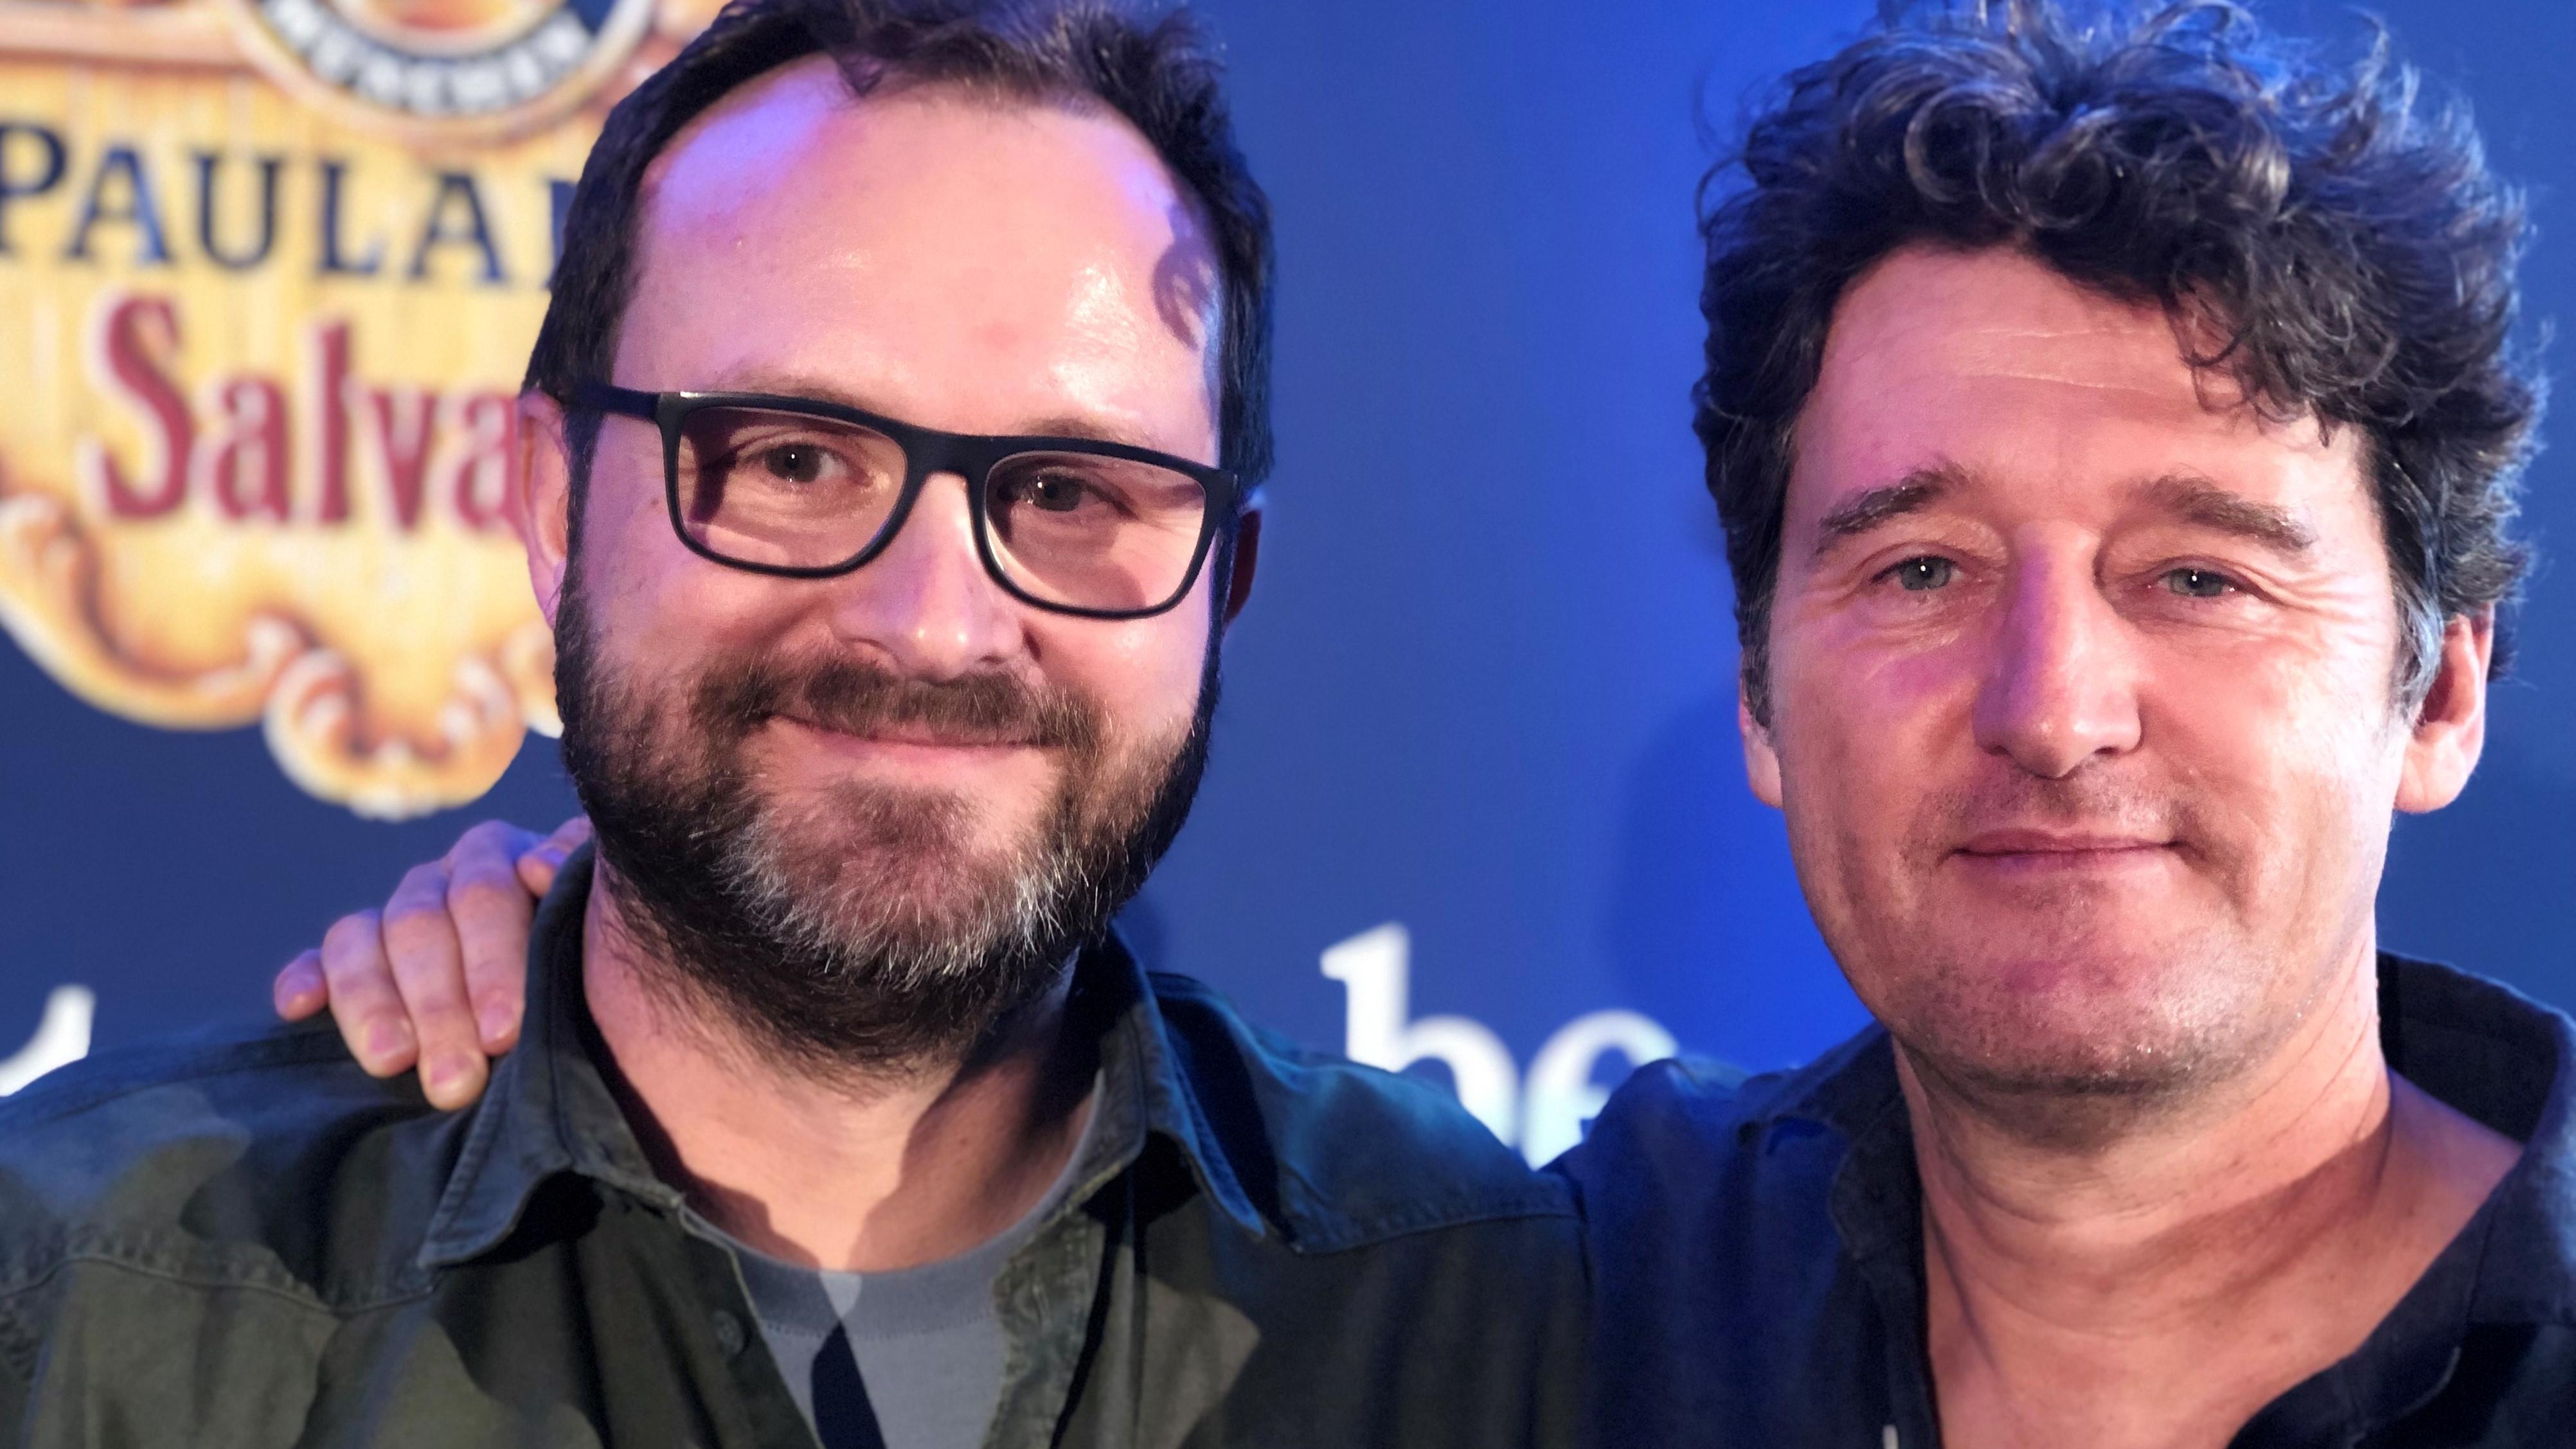 Singspielautoren Richard Oehmann und Stefan Betz